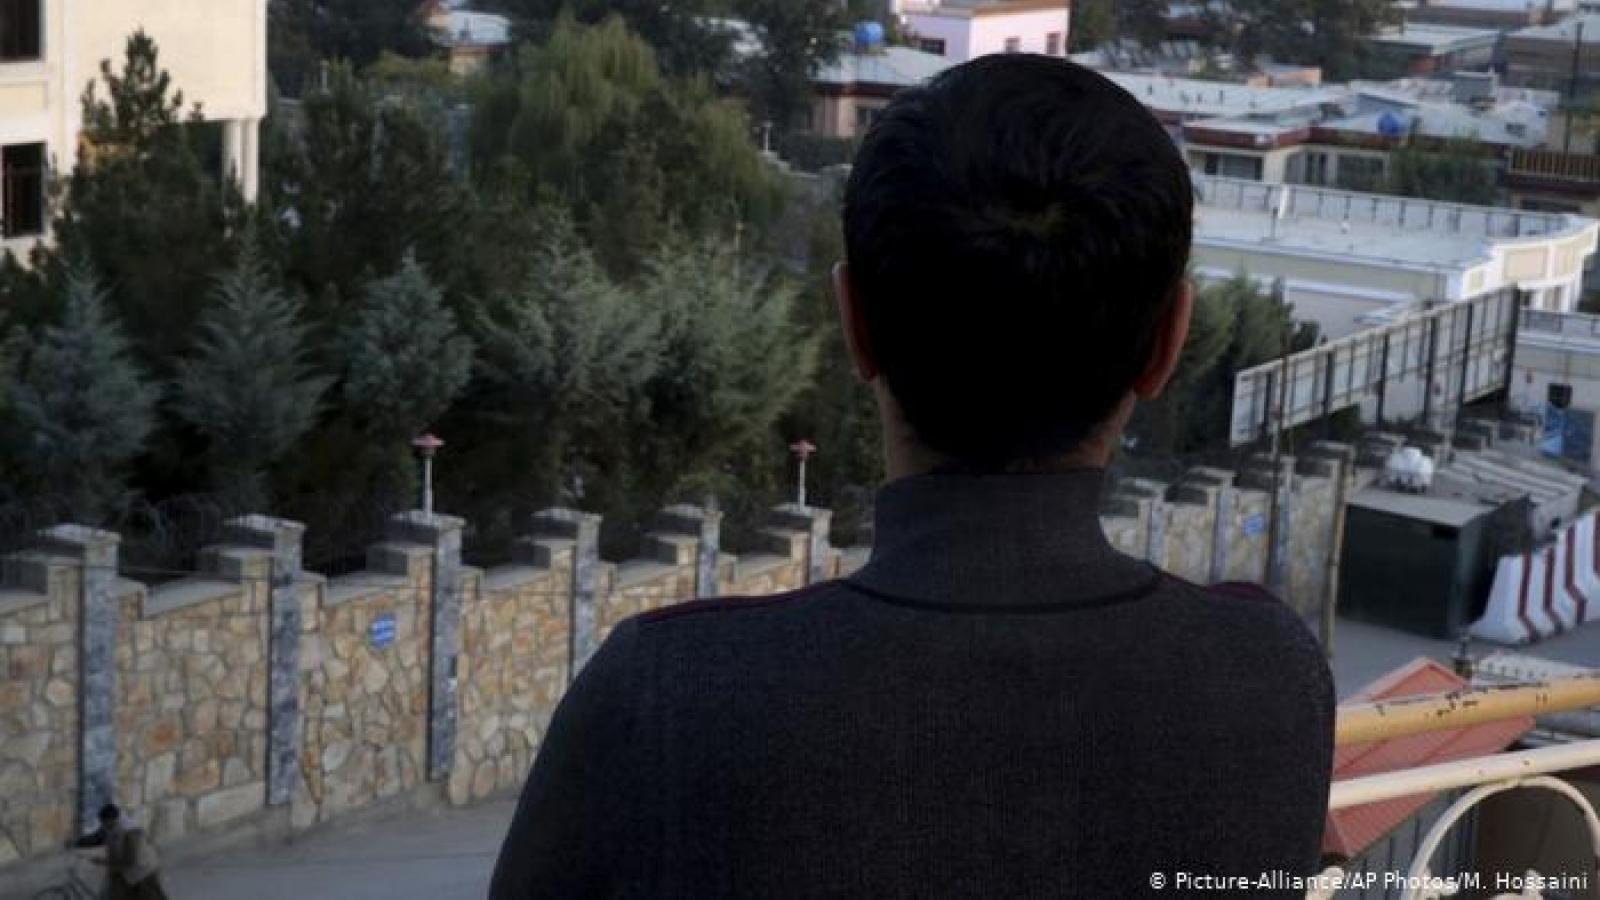 """Số phận """"nghìn cân treo sợi tóc"""" của cộng đồng LGBTQ ở Afghanistan dưới thời Taliban"""